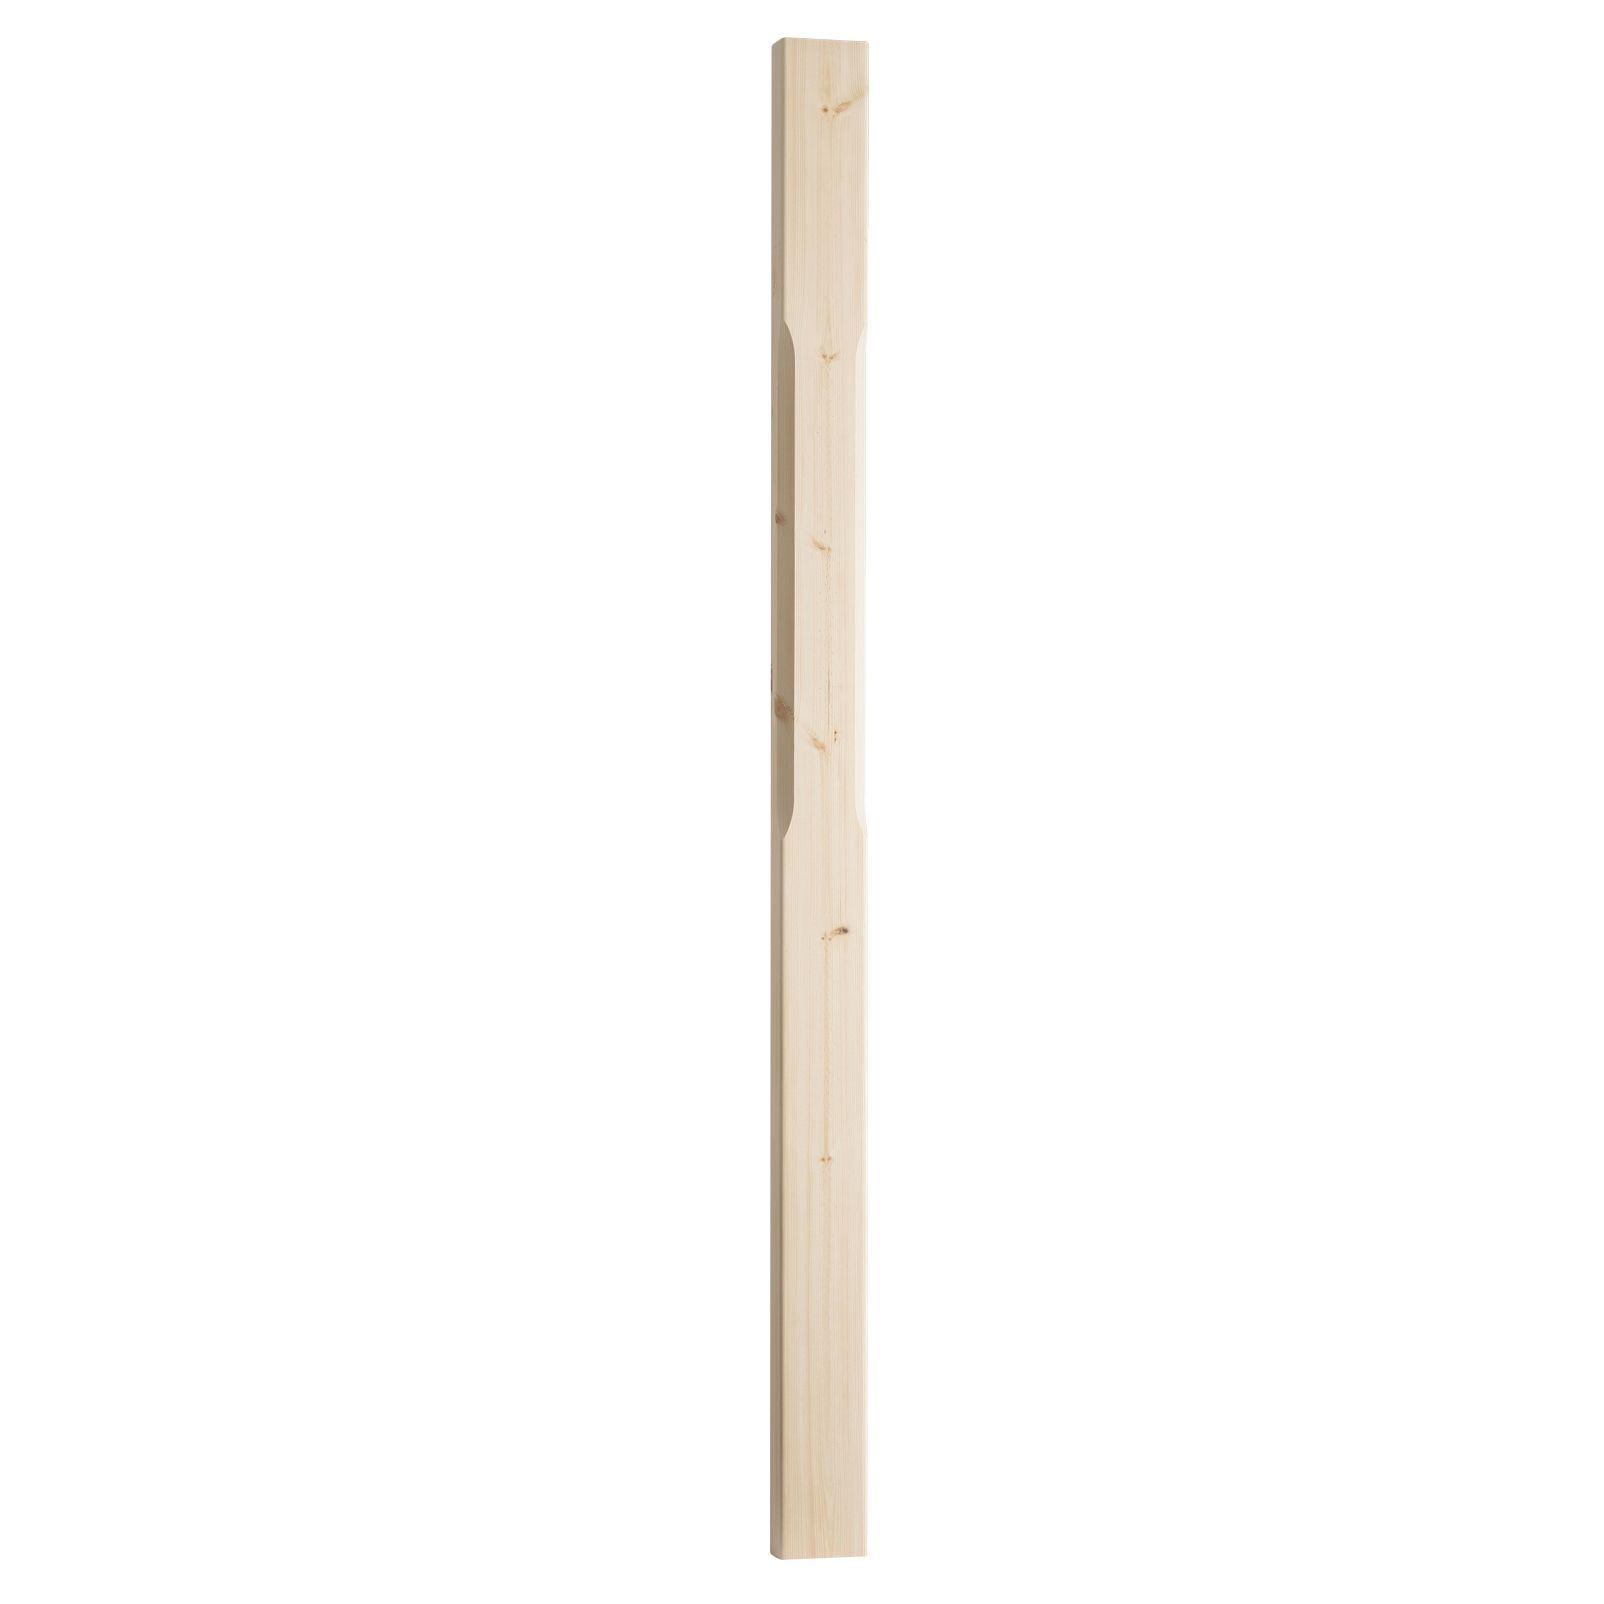 Oak Stop Chamfered Half Newel Post (w)41mm (l)1500mm